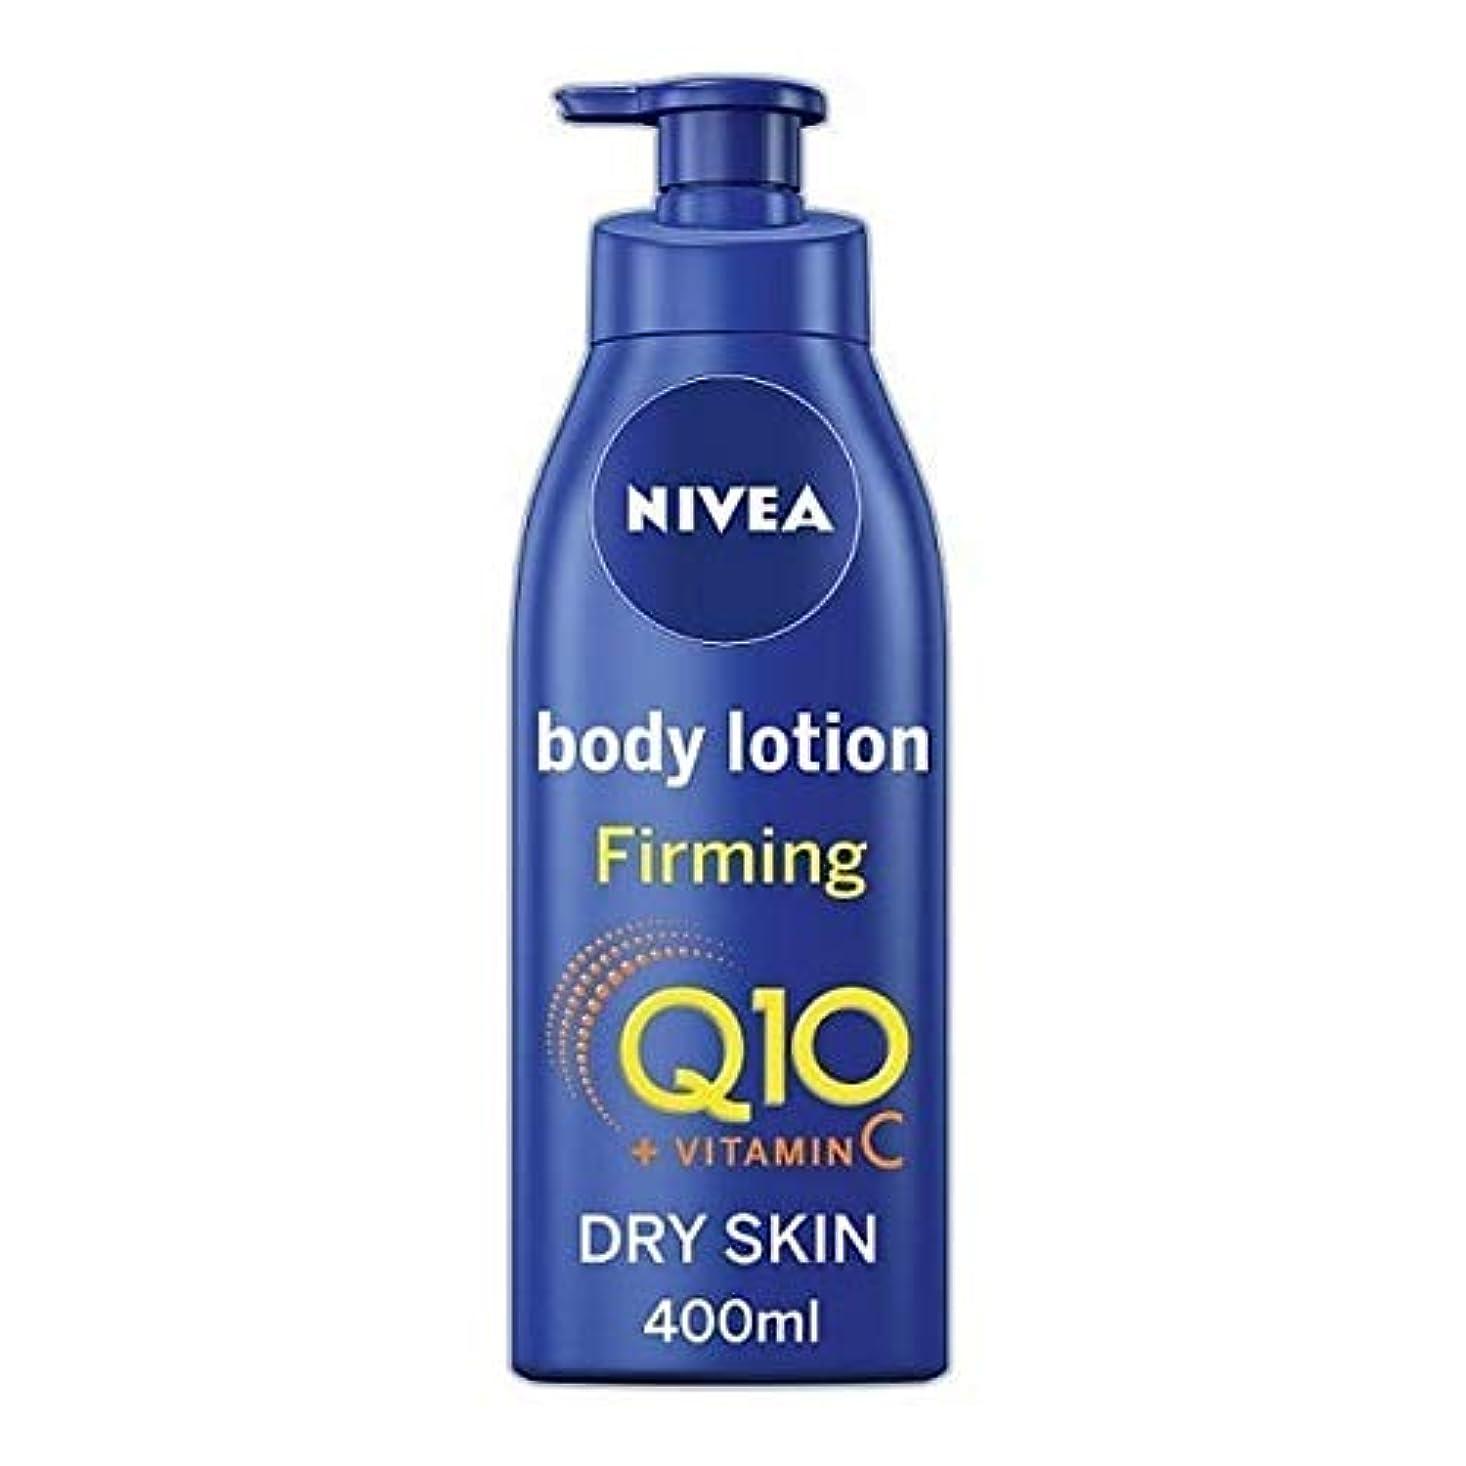 除去理解する恐ろしい[Nivea ] 乾燥肌、400ミリリットルのためのニベアQ10ビタミンCファーミングボディローション - NIVEA Q10 Vitamin C Firming Body Lotion for Dry Skin, 400ml [並行輸入品]